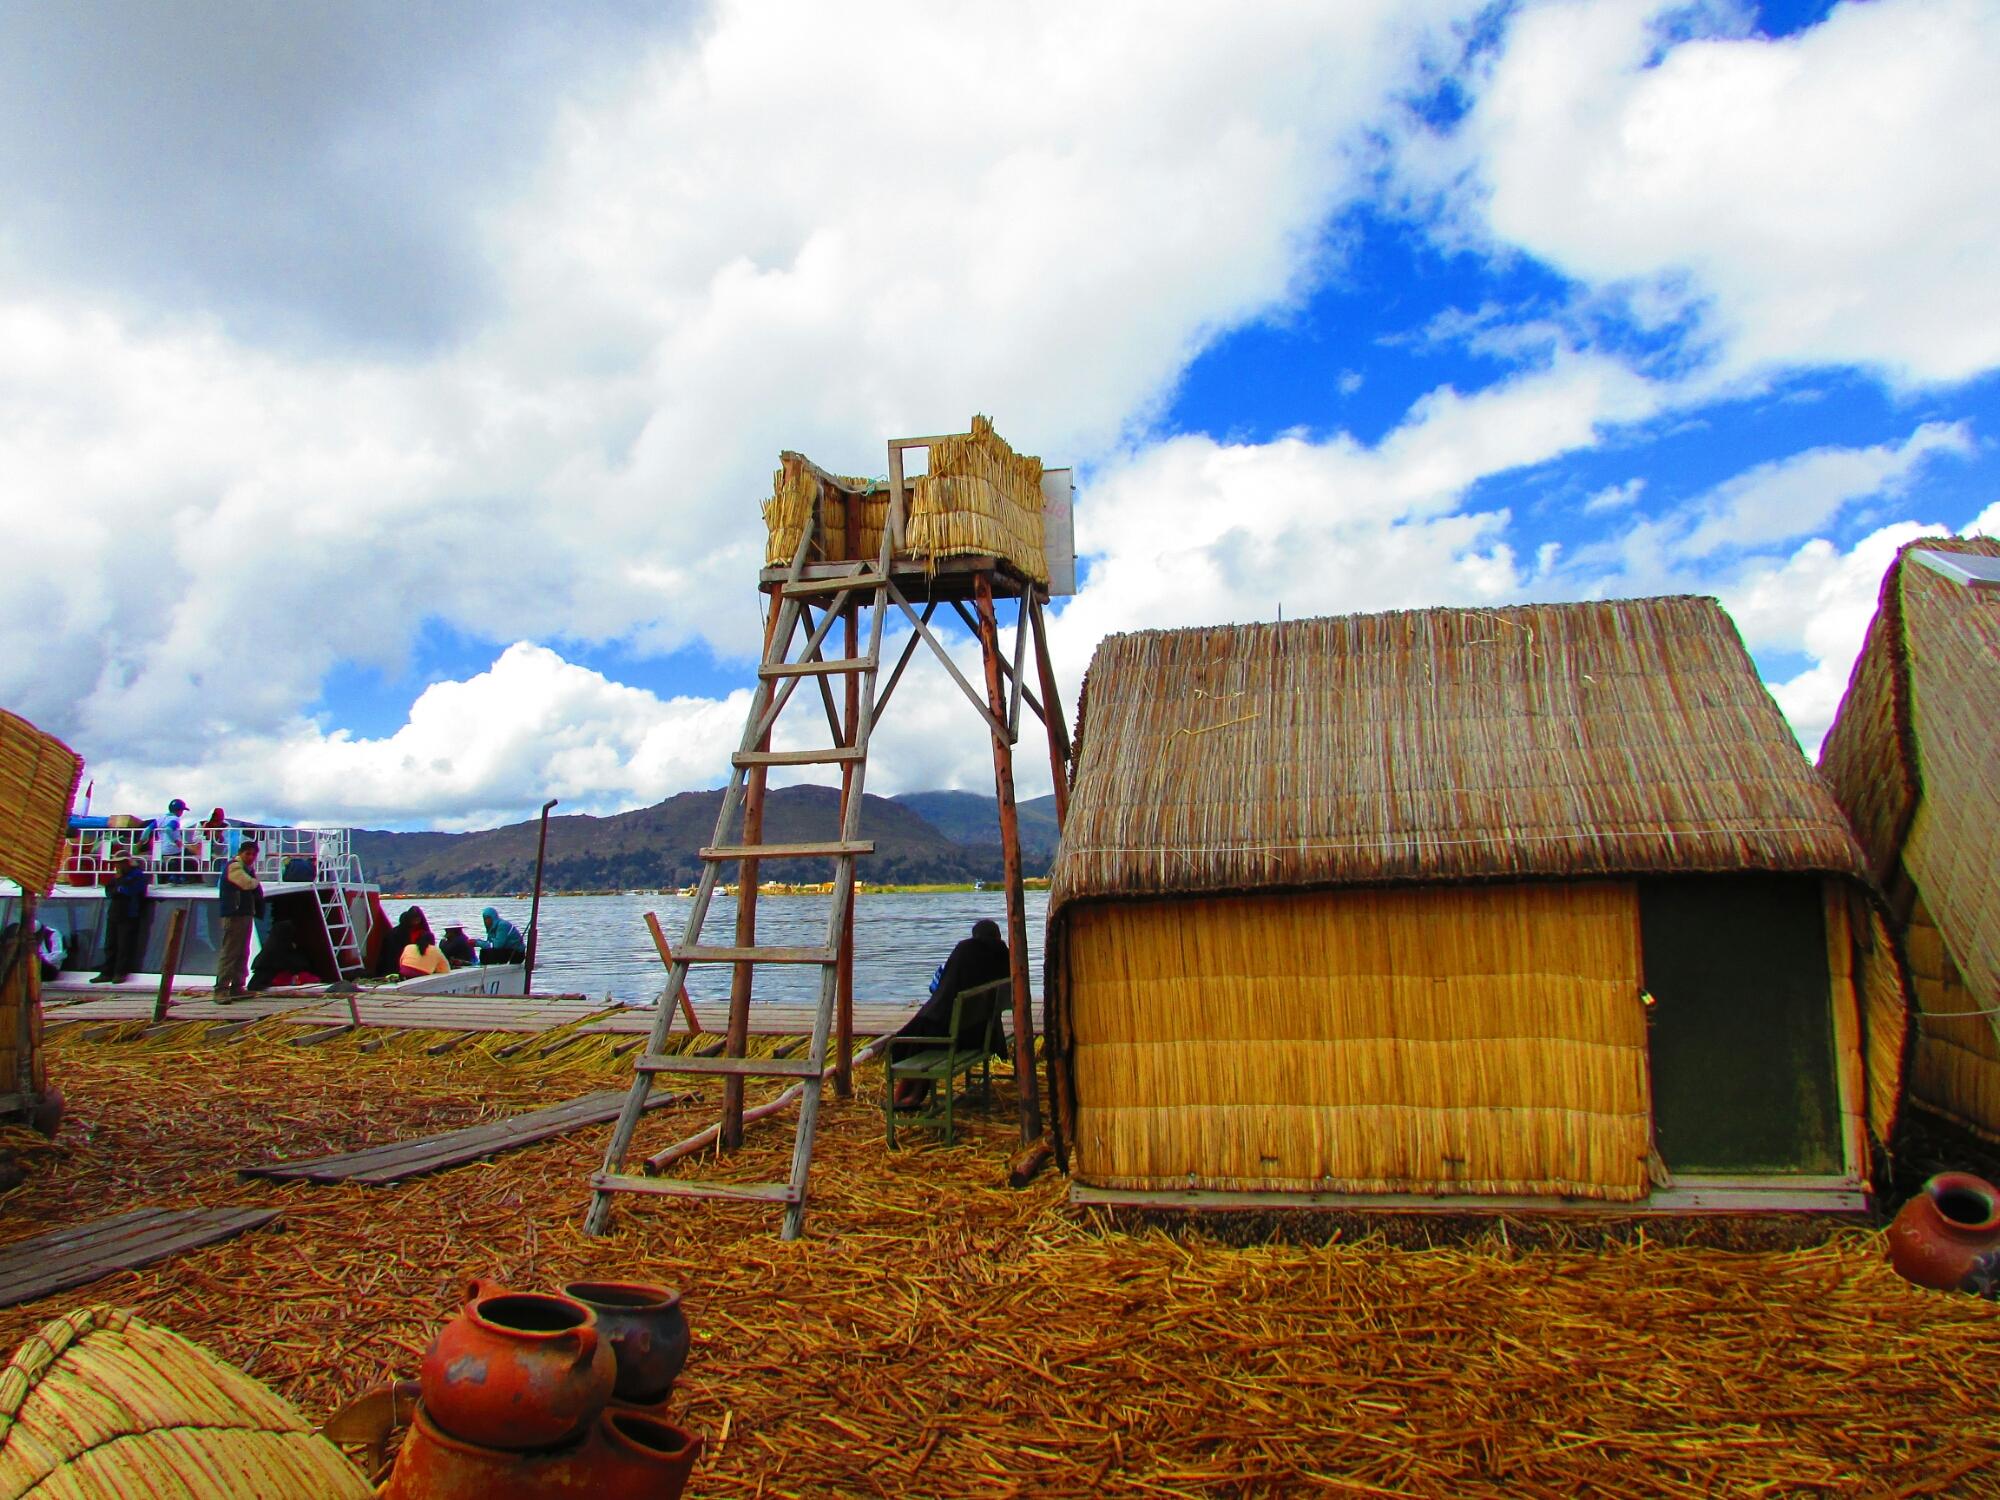 las casas y suelo de totora de las islas Uros en el lago Titicaca en Perú